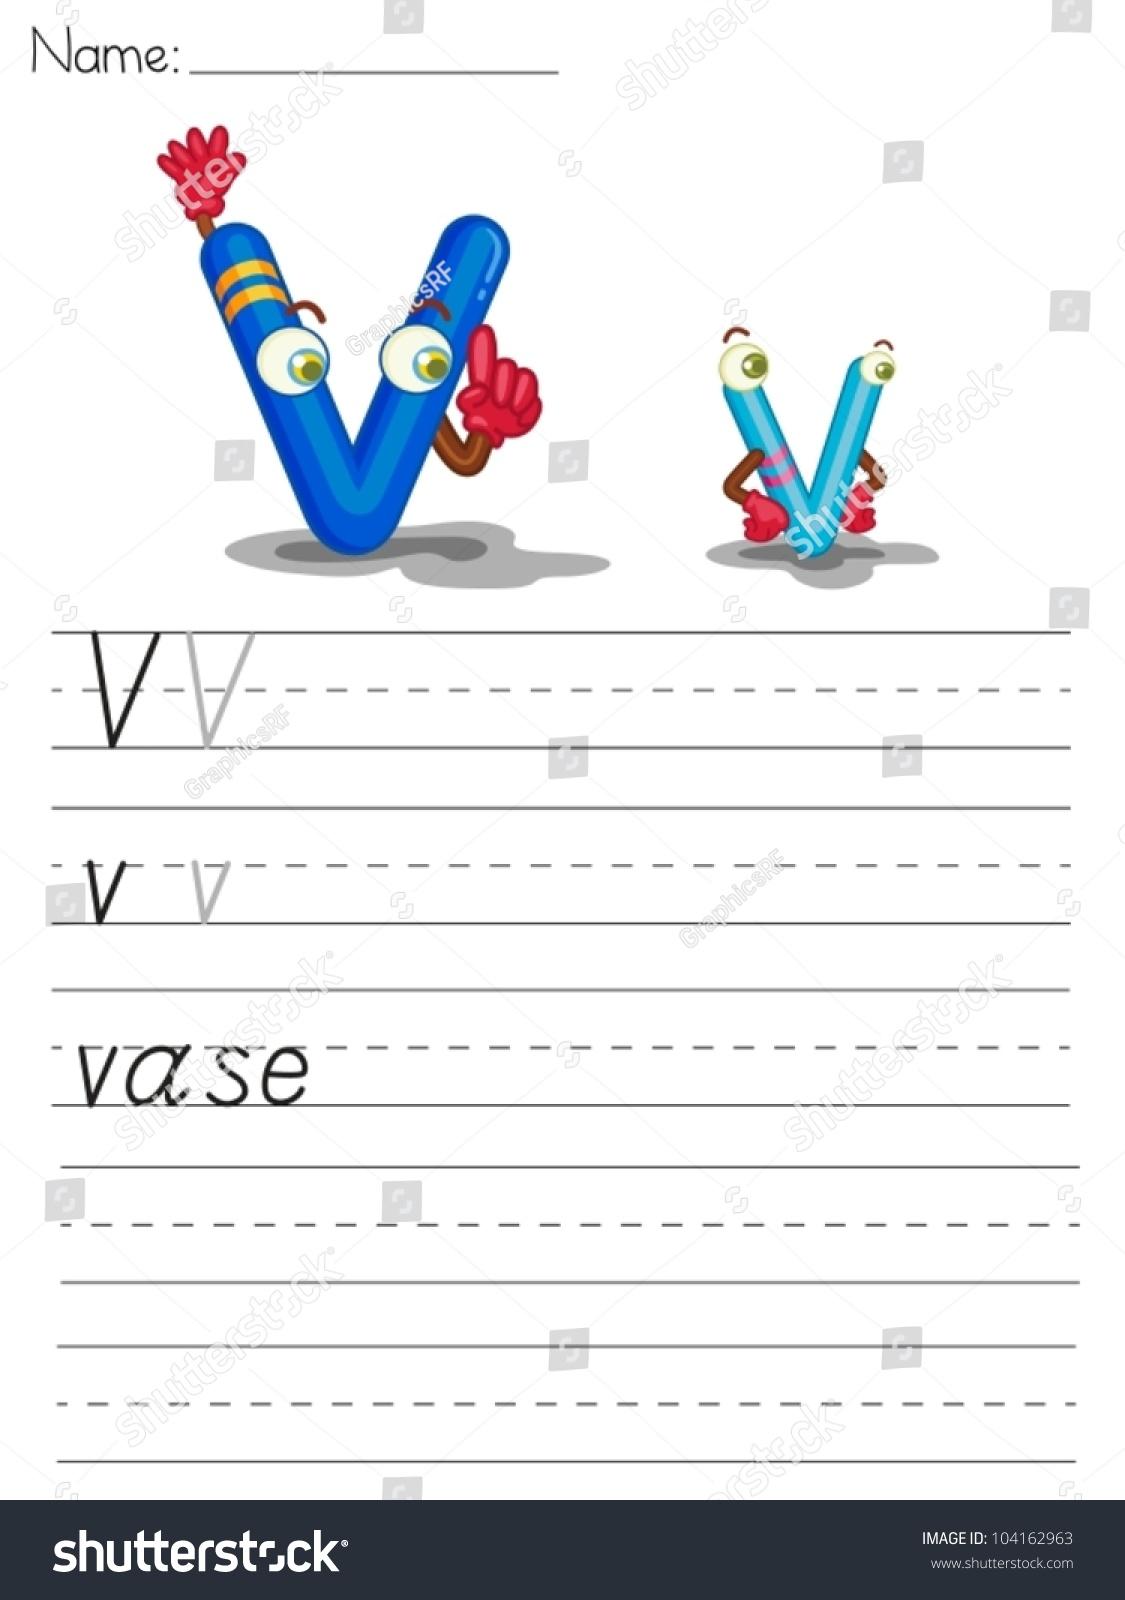 Illustrated Alphabet Worksheet Of The Letter V Stock